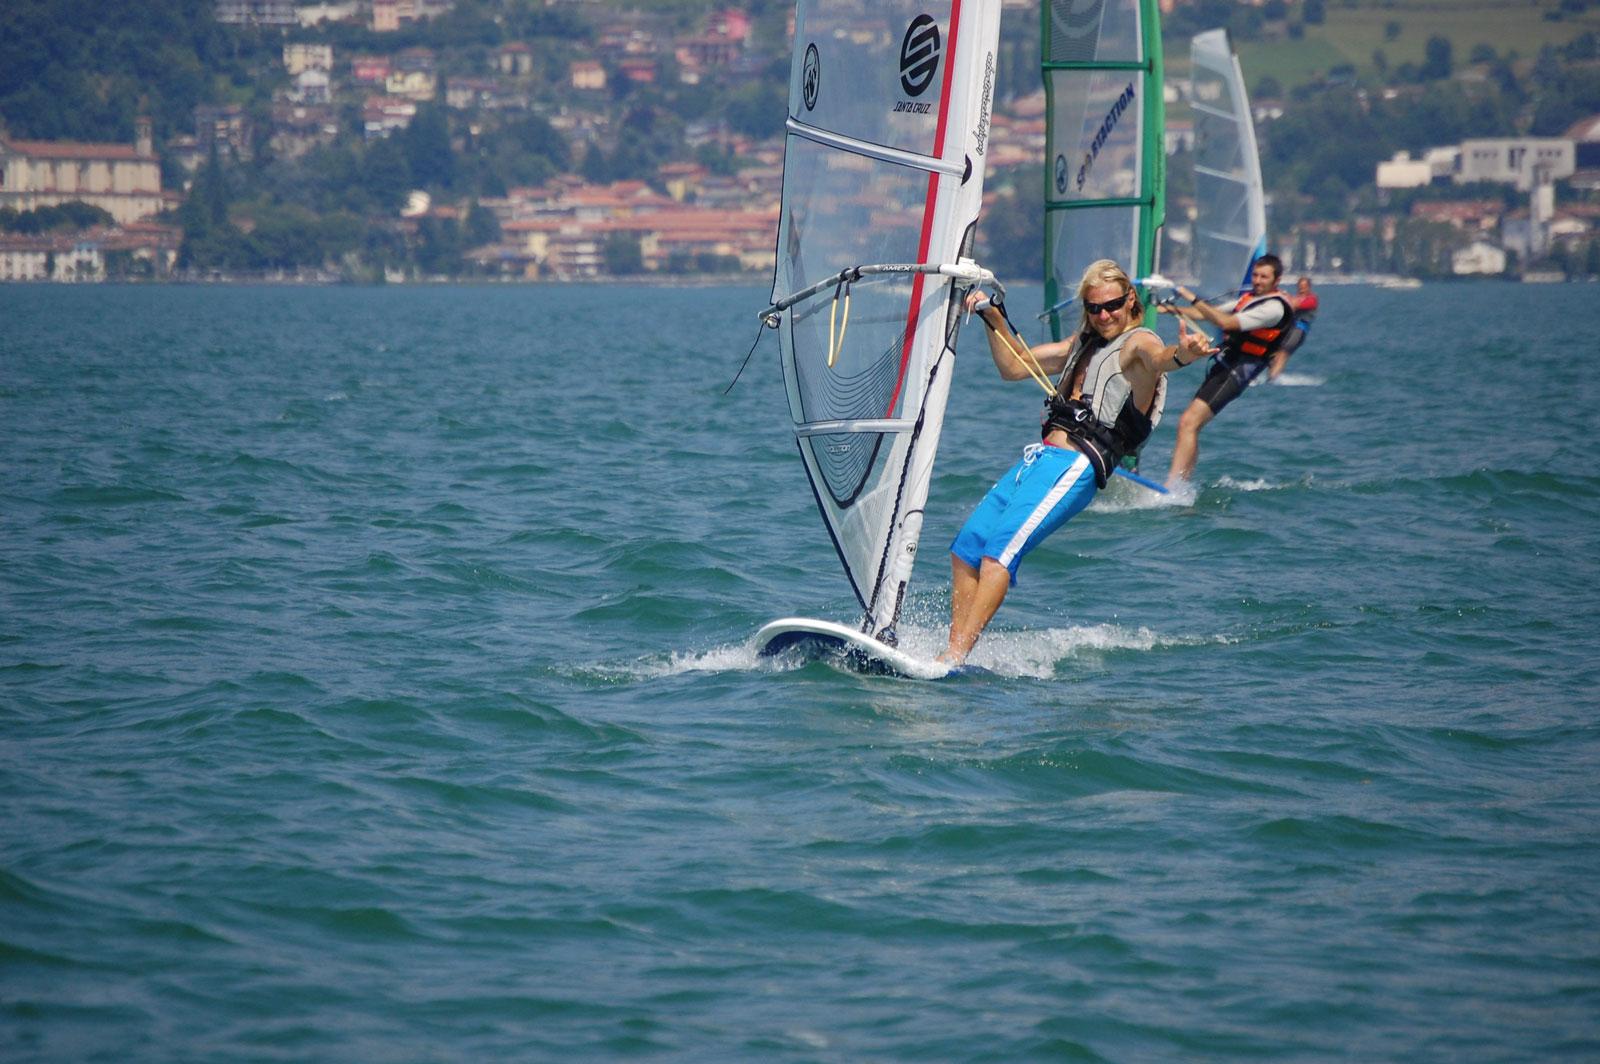 FABIO FRATTINI istruttore di windsurf